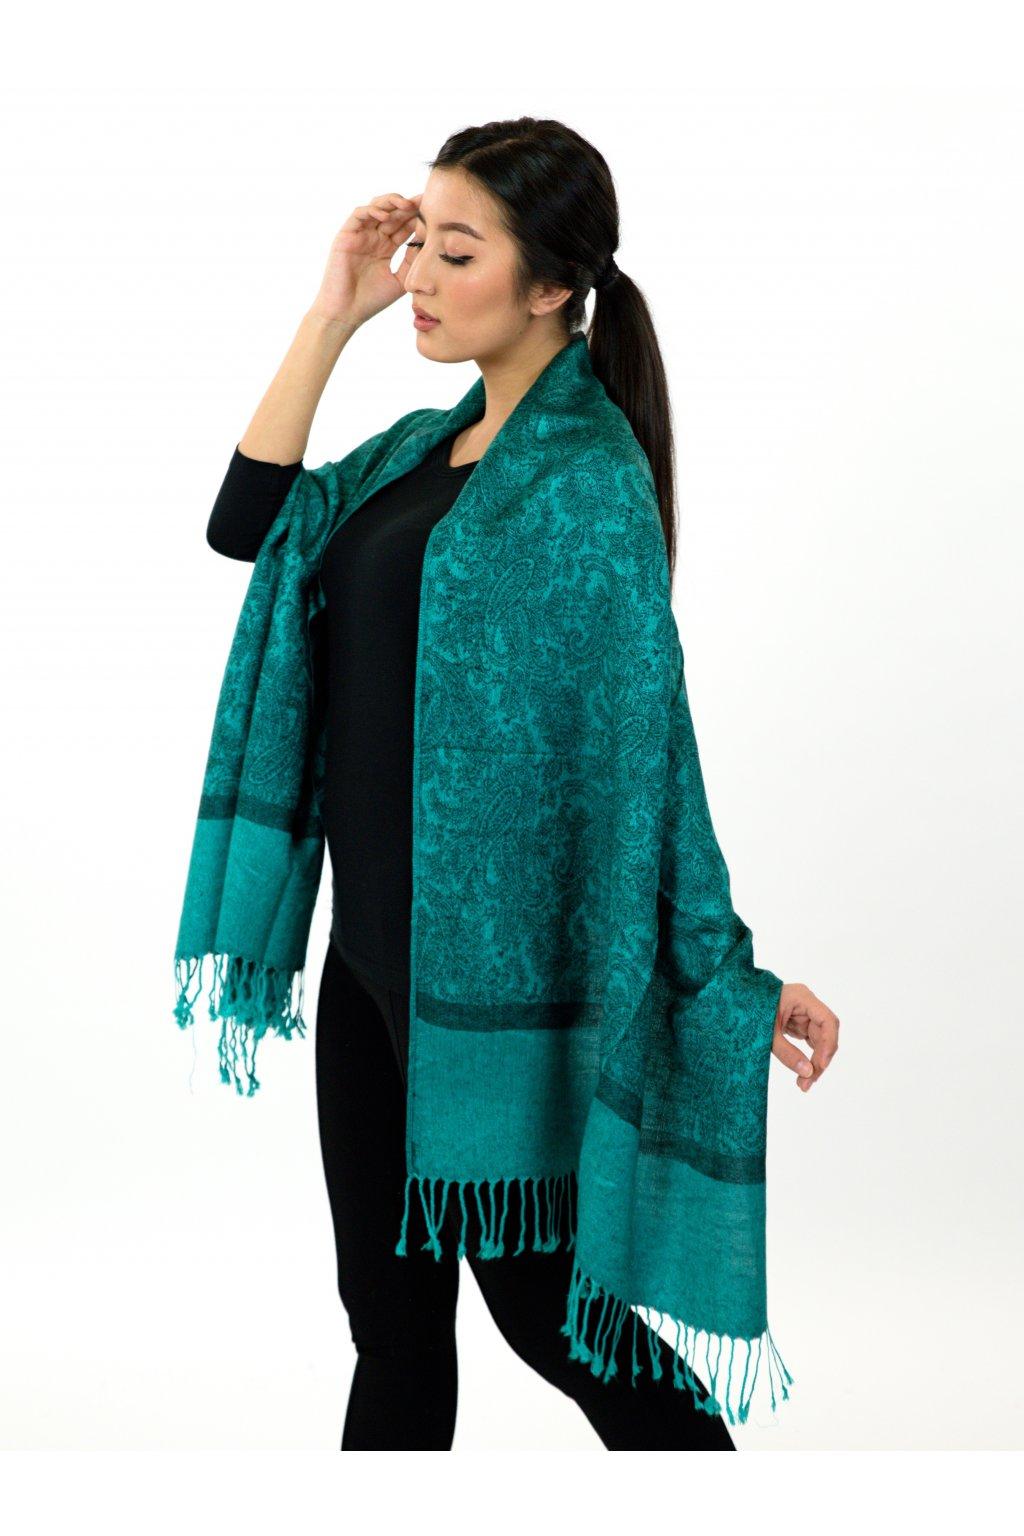 Šátek pašmína Nepal - tyrkysová s černou